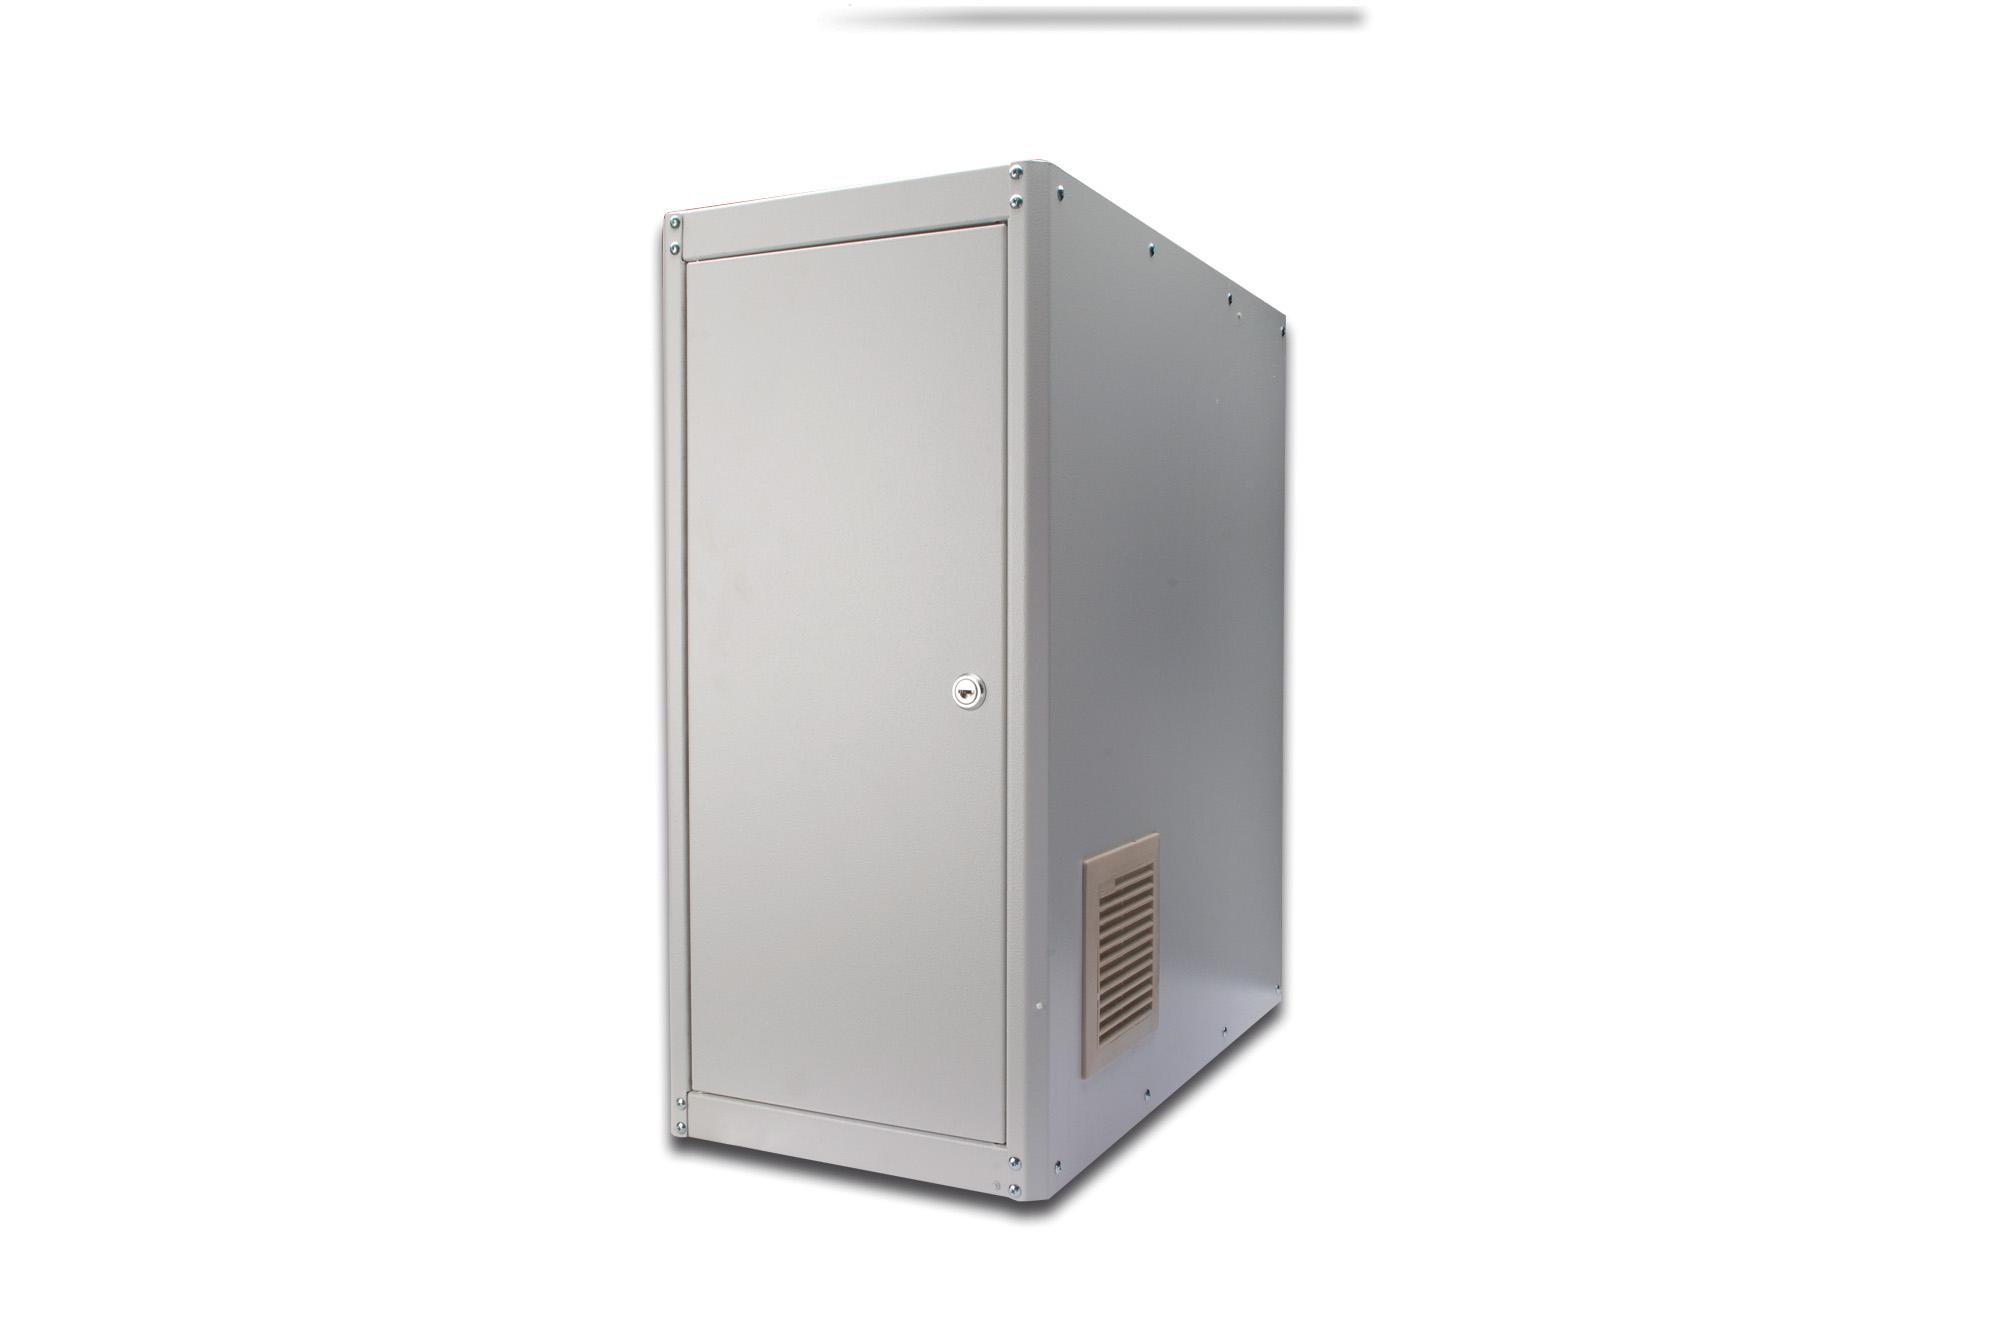 Digitus Professional Pc Schrank Mit Aktiver Luftung 402x600x450mm